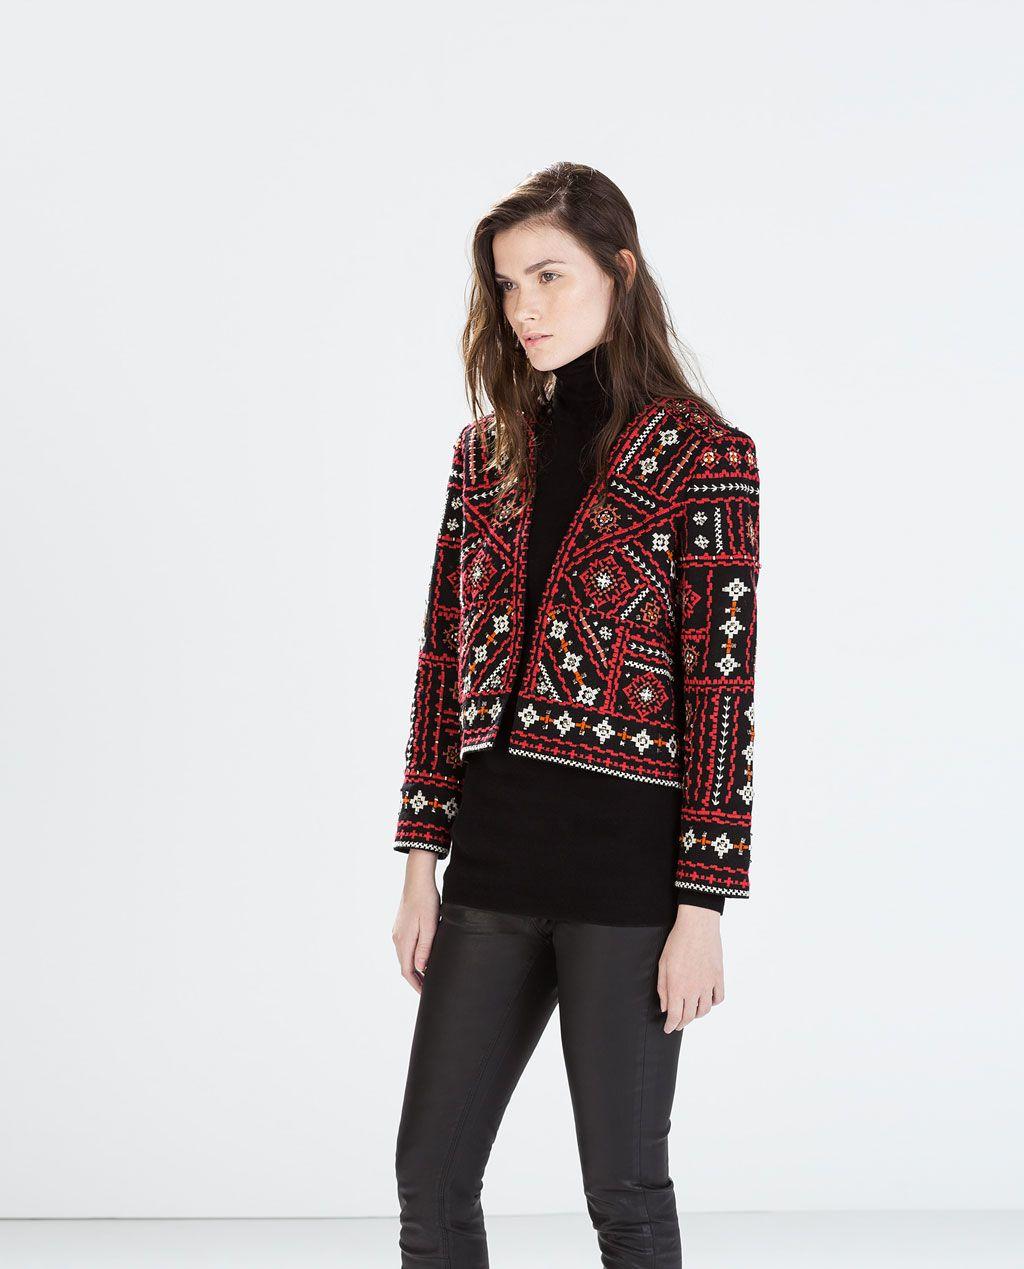 Image 41 de VESTE BRODERIE STYLE ETHNIQUE de Zara | style ... - Style Ethnique